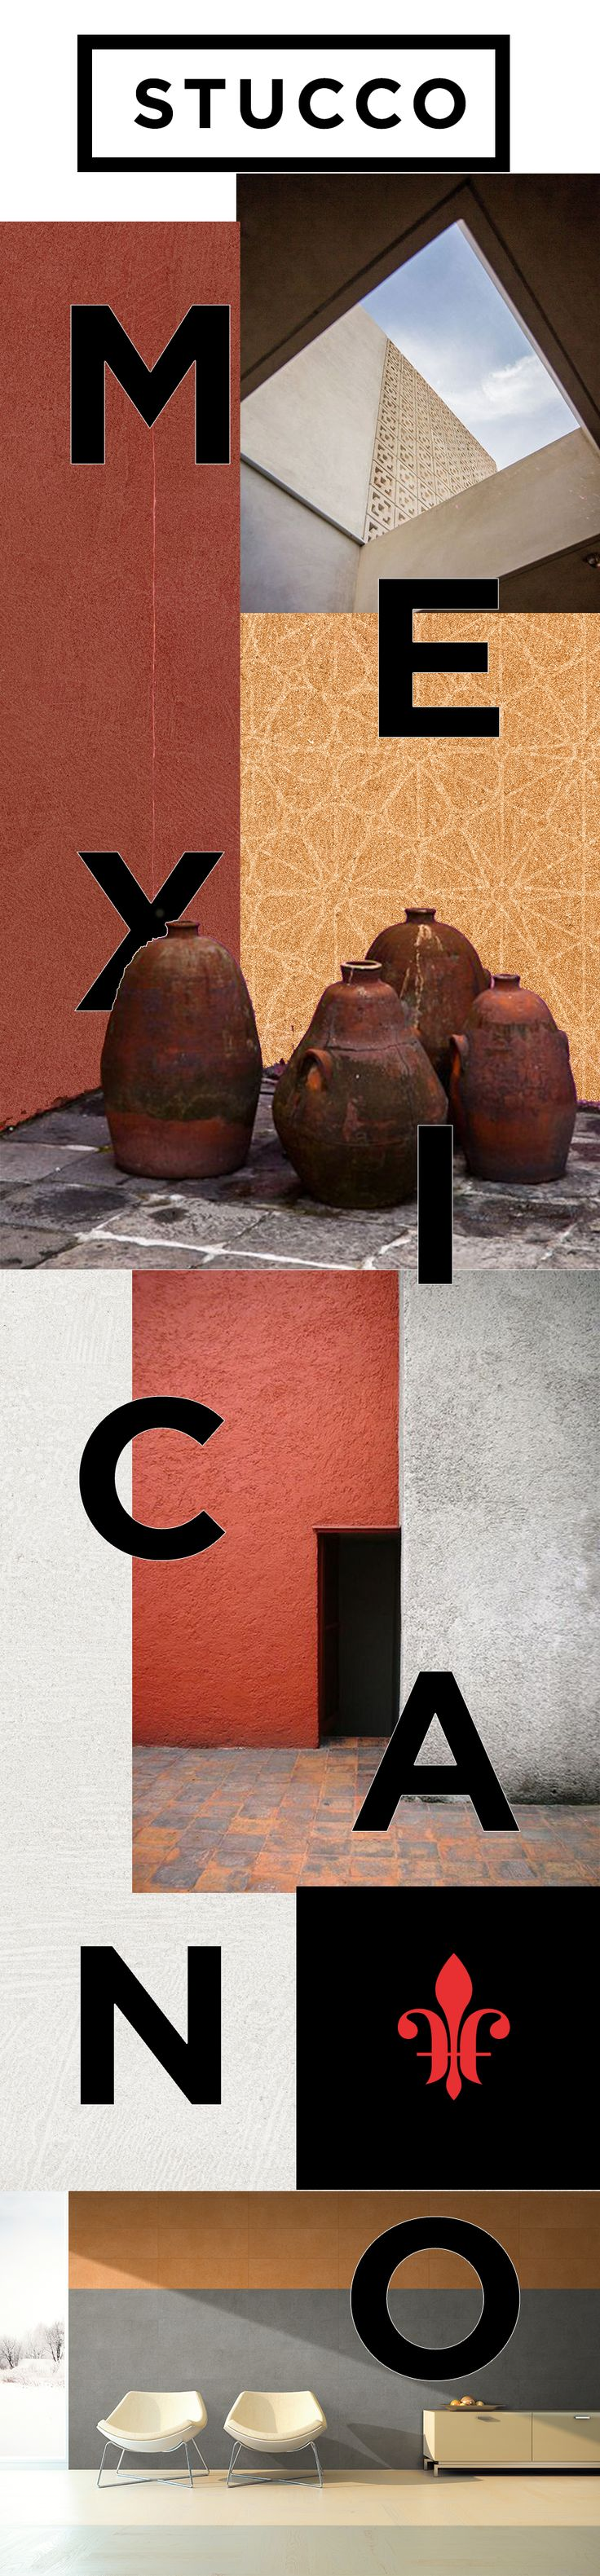 El porcelánico Stucco trae los colores de barrio antiguo de la cuidad de Monterrey y crea un propuesta expresando colores mexicanos que agregan energía y dinamismo al espacio.